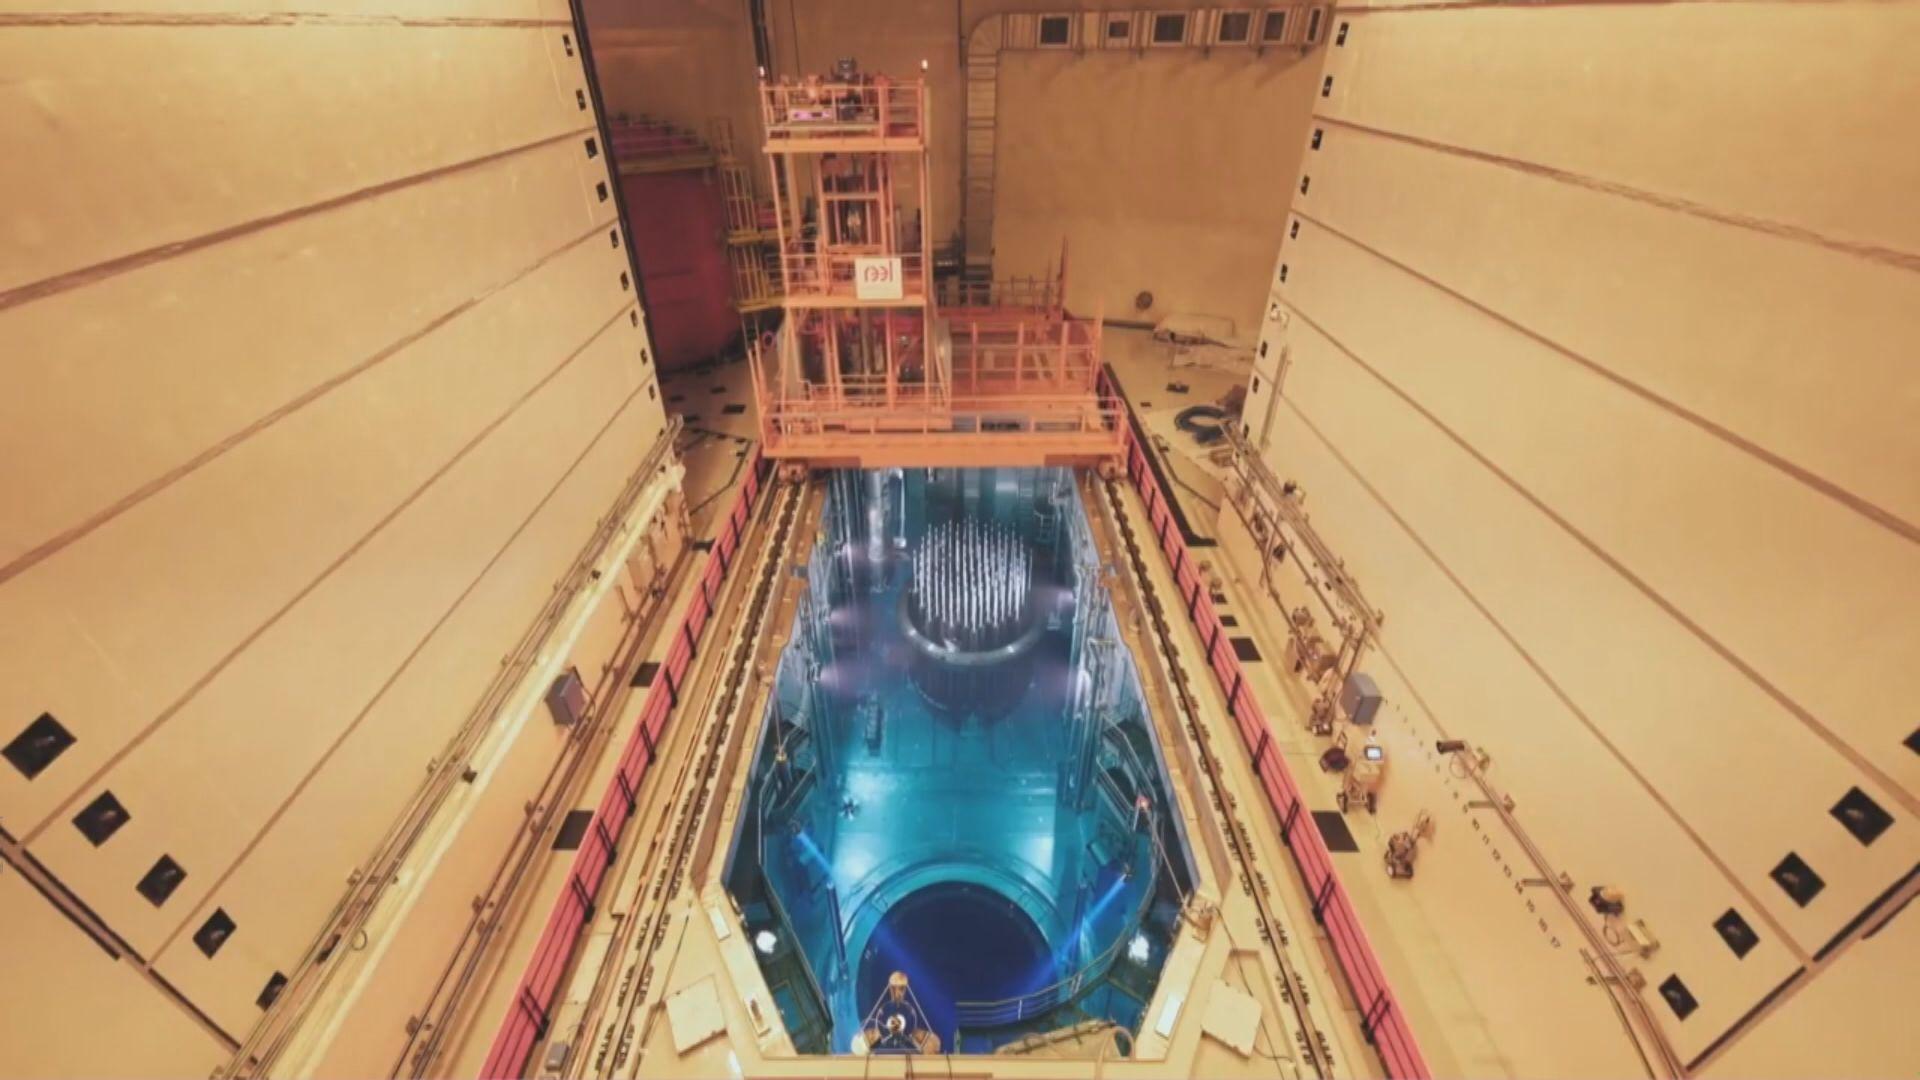 中廣核:台山核電站機組安全運行 周邊環境數據正常